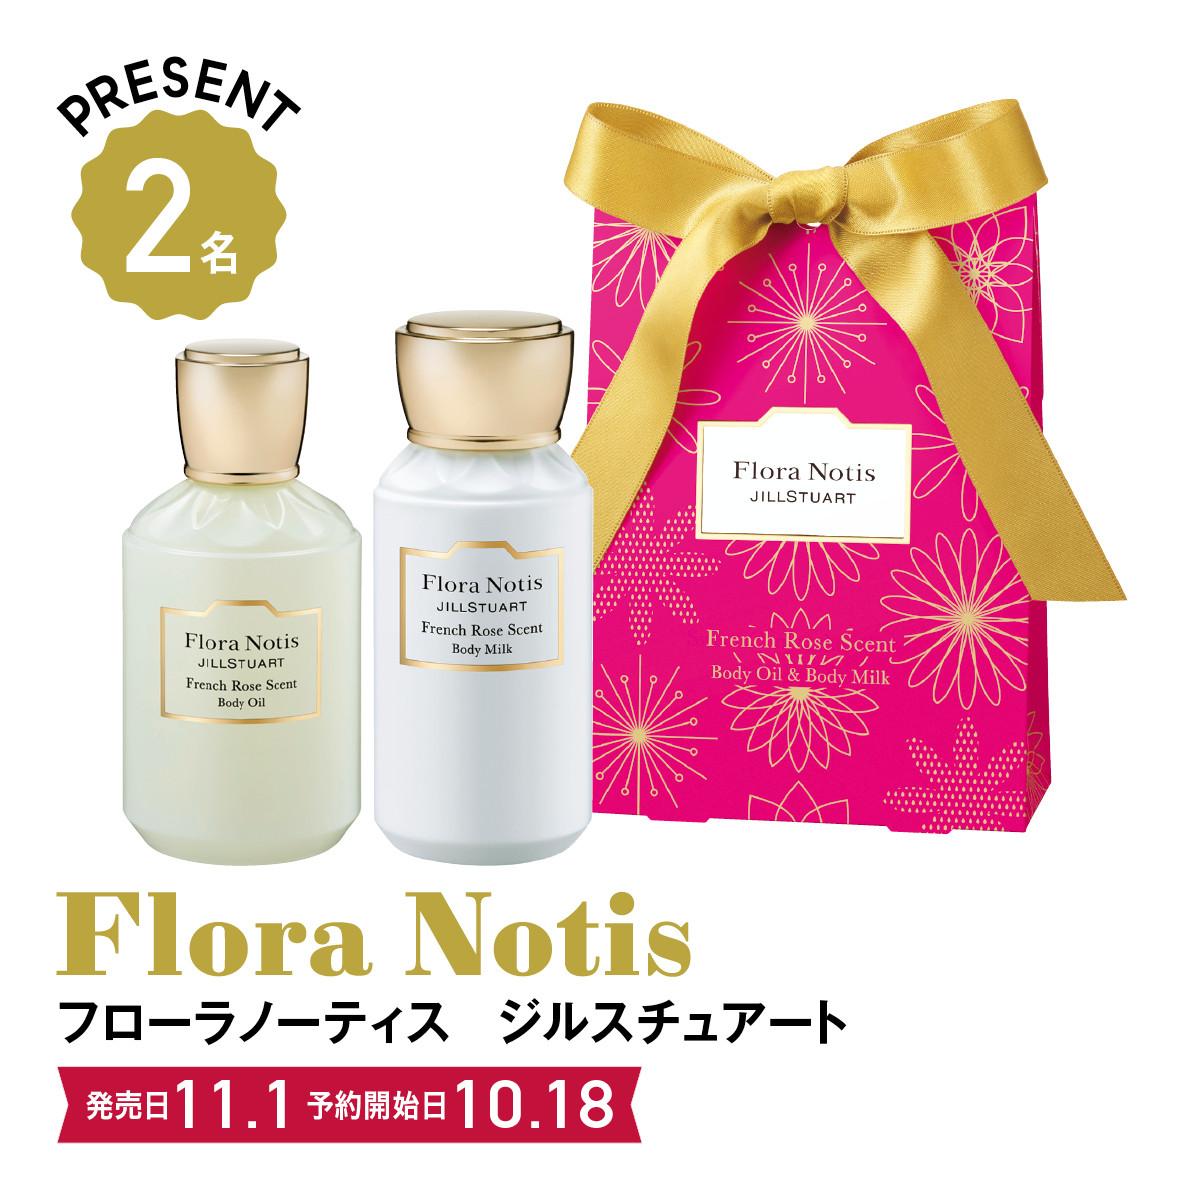 2019クリスマスコフレ&限定品:Flora Notis/フローラノーティス